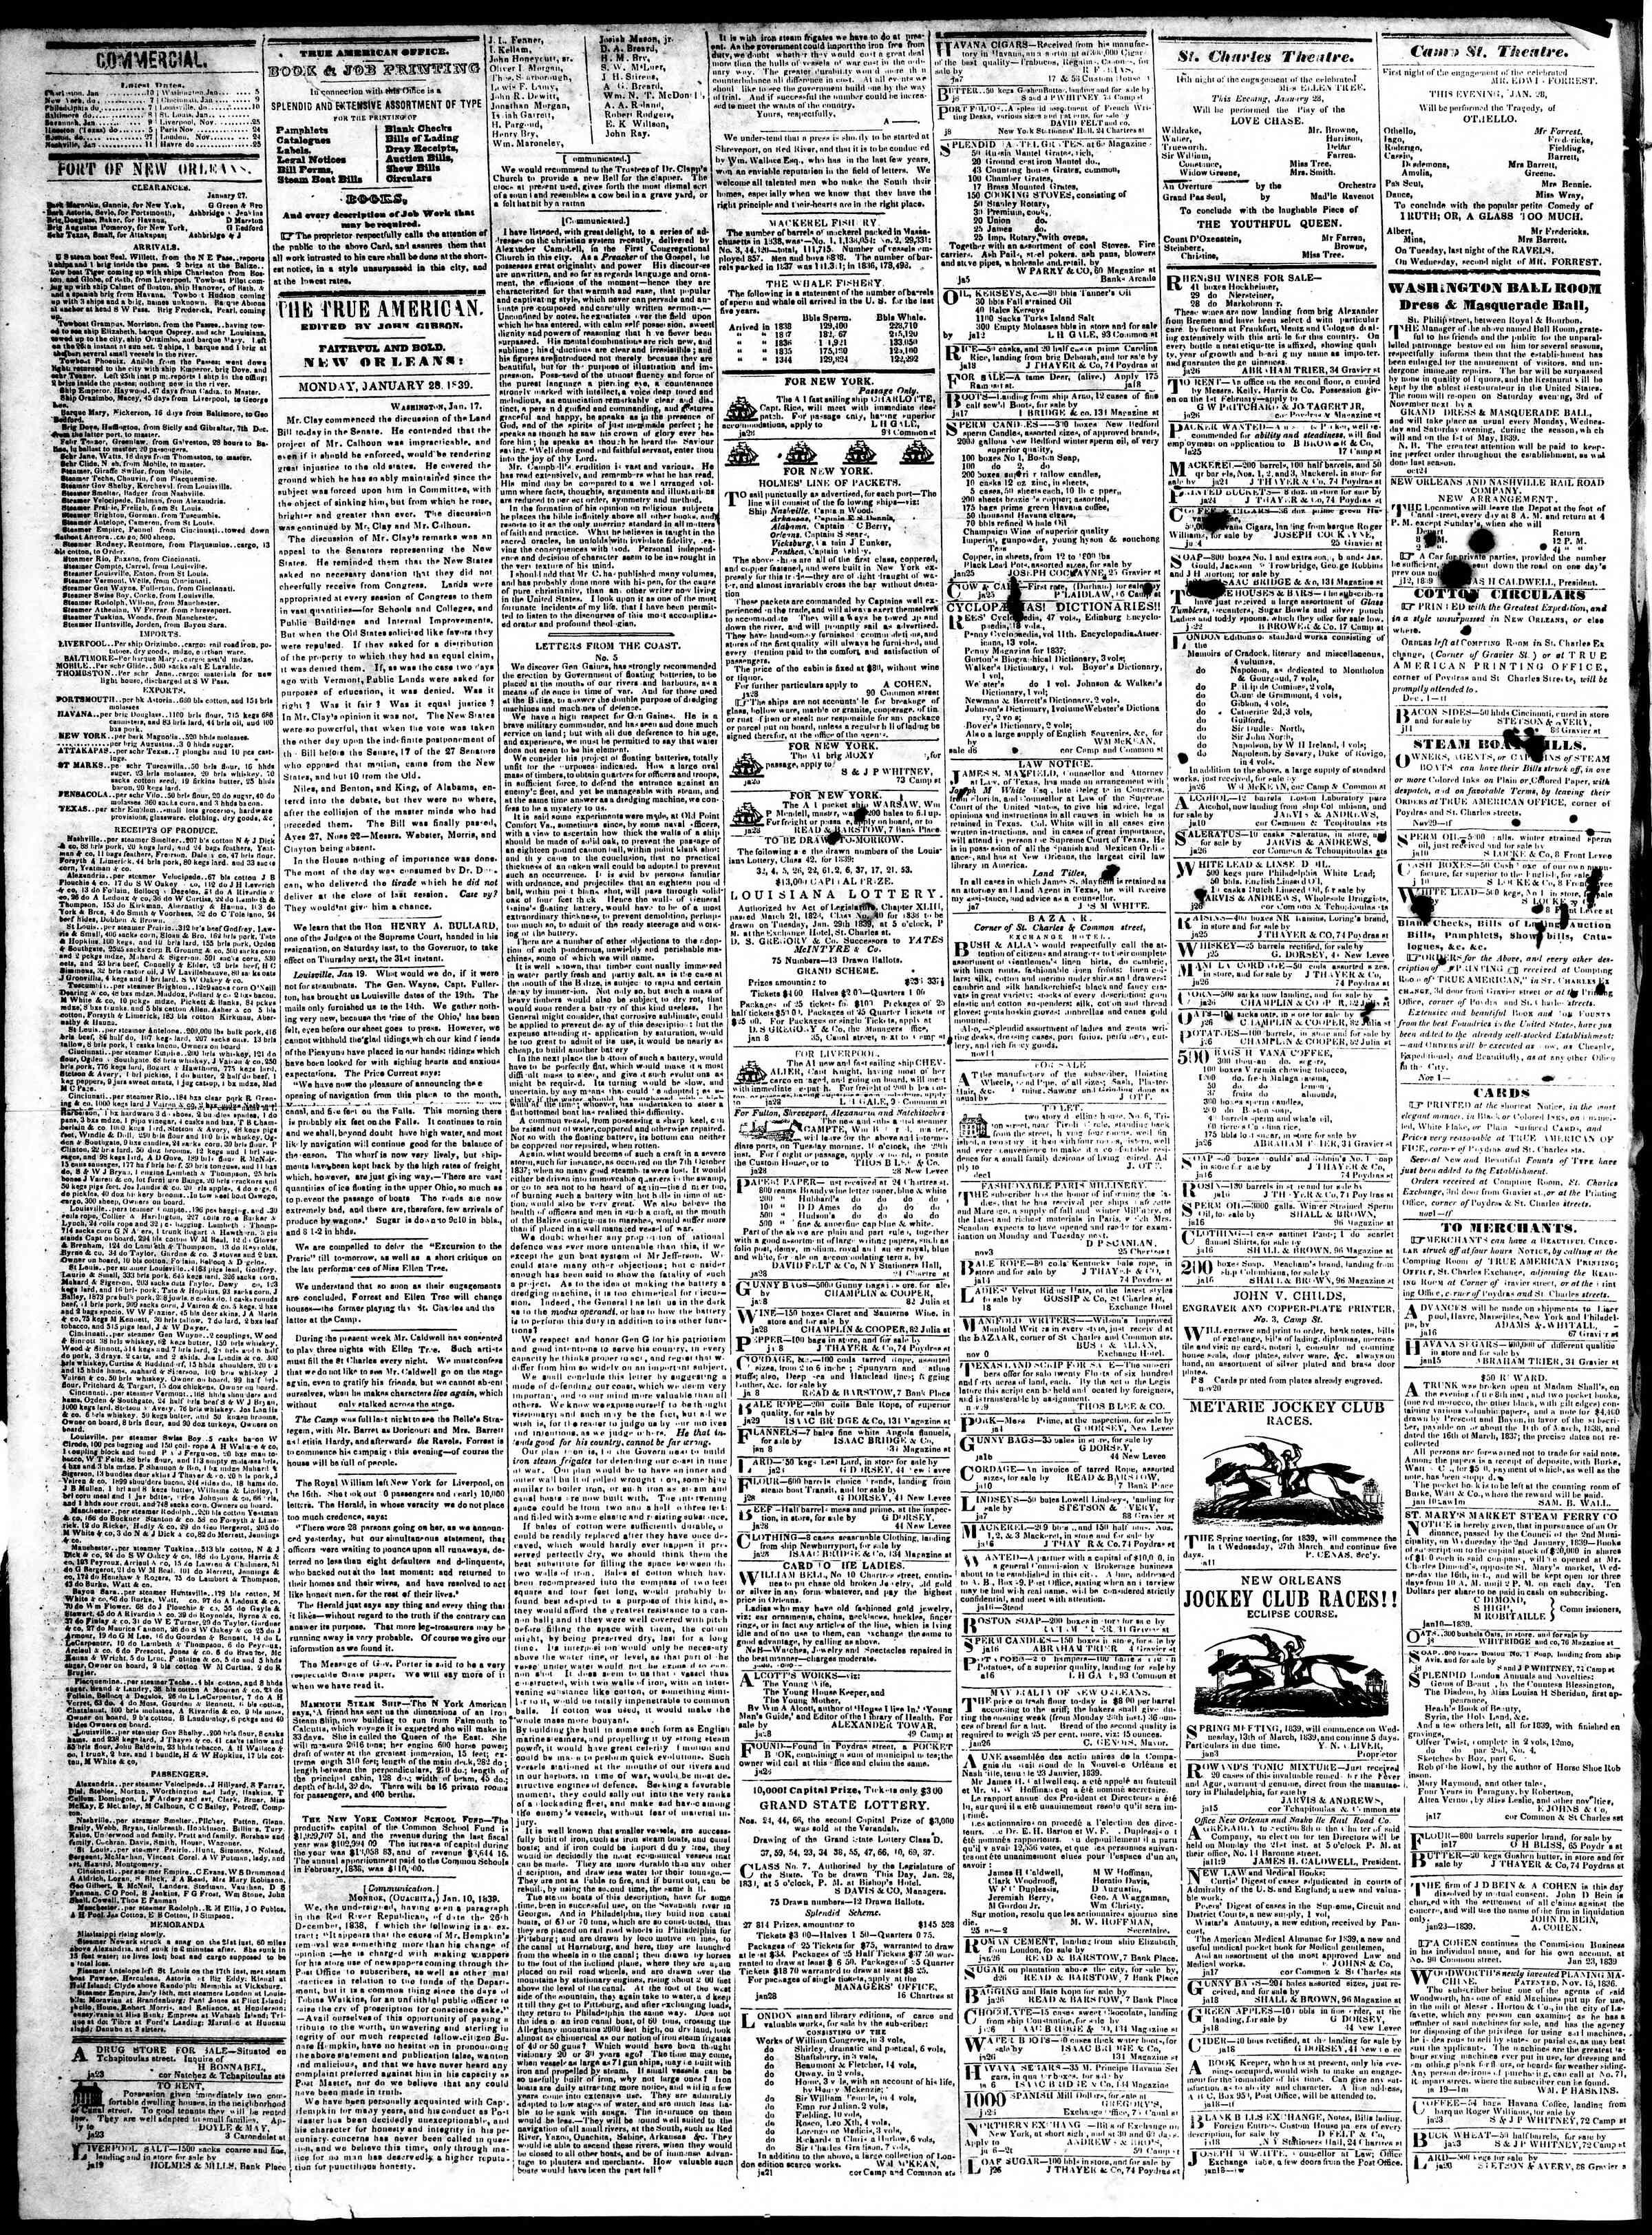 28 Ocak 1839 Tarihli True American Gazetesi Sayfa 2